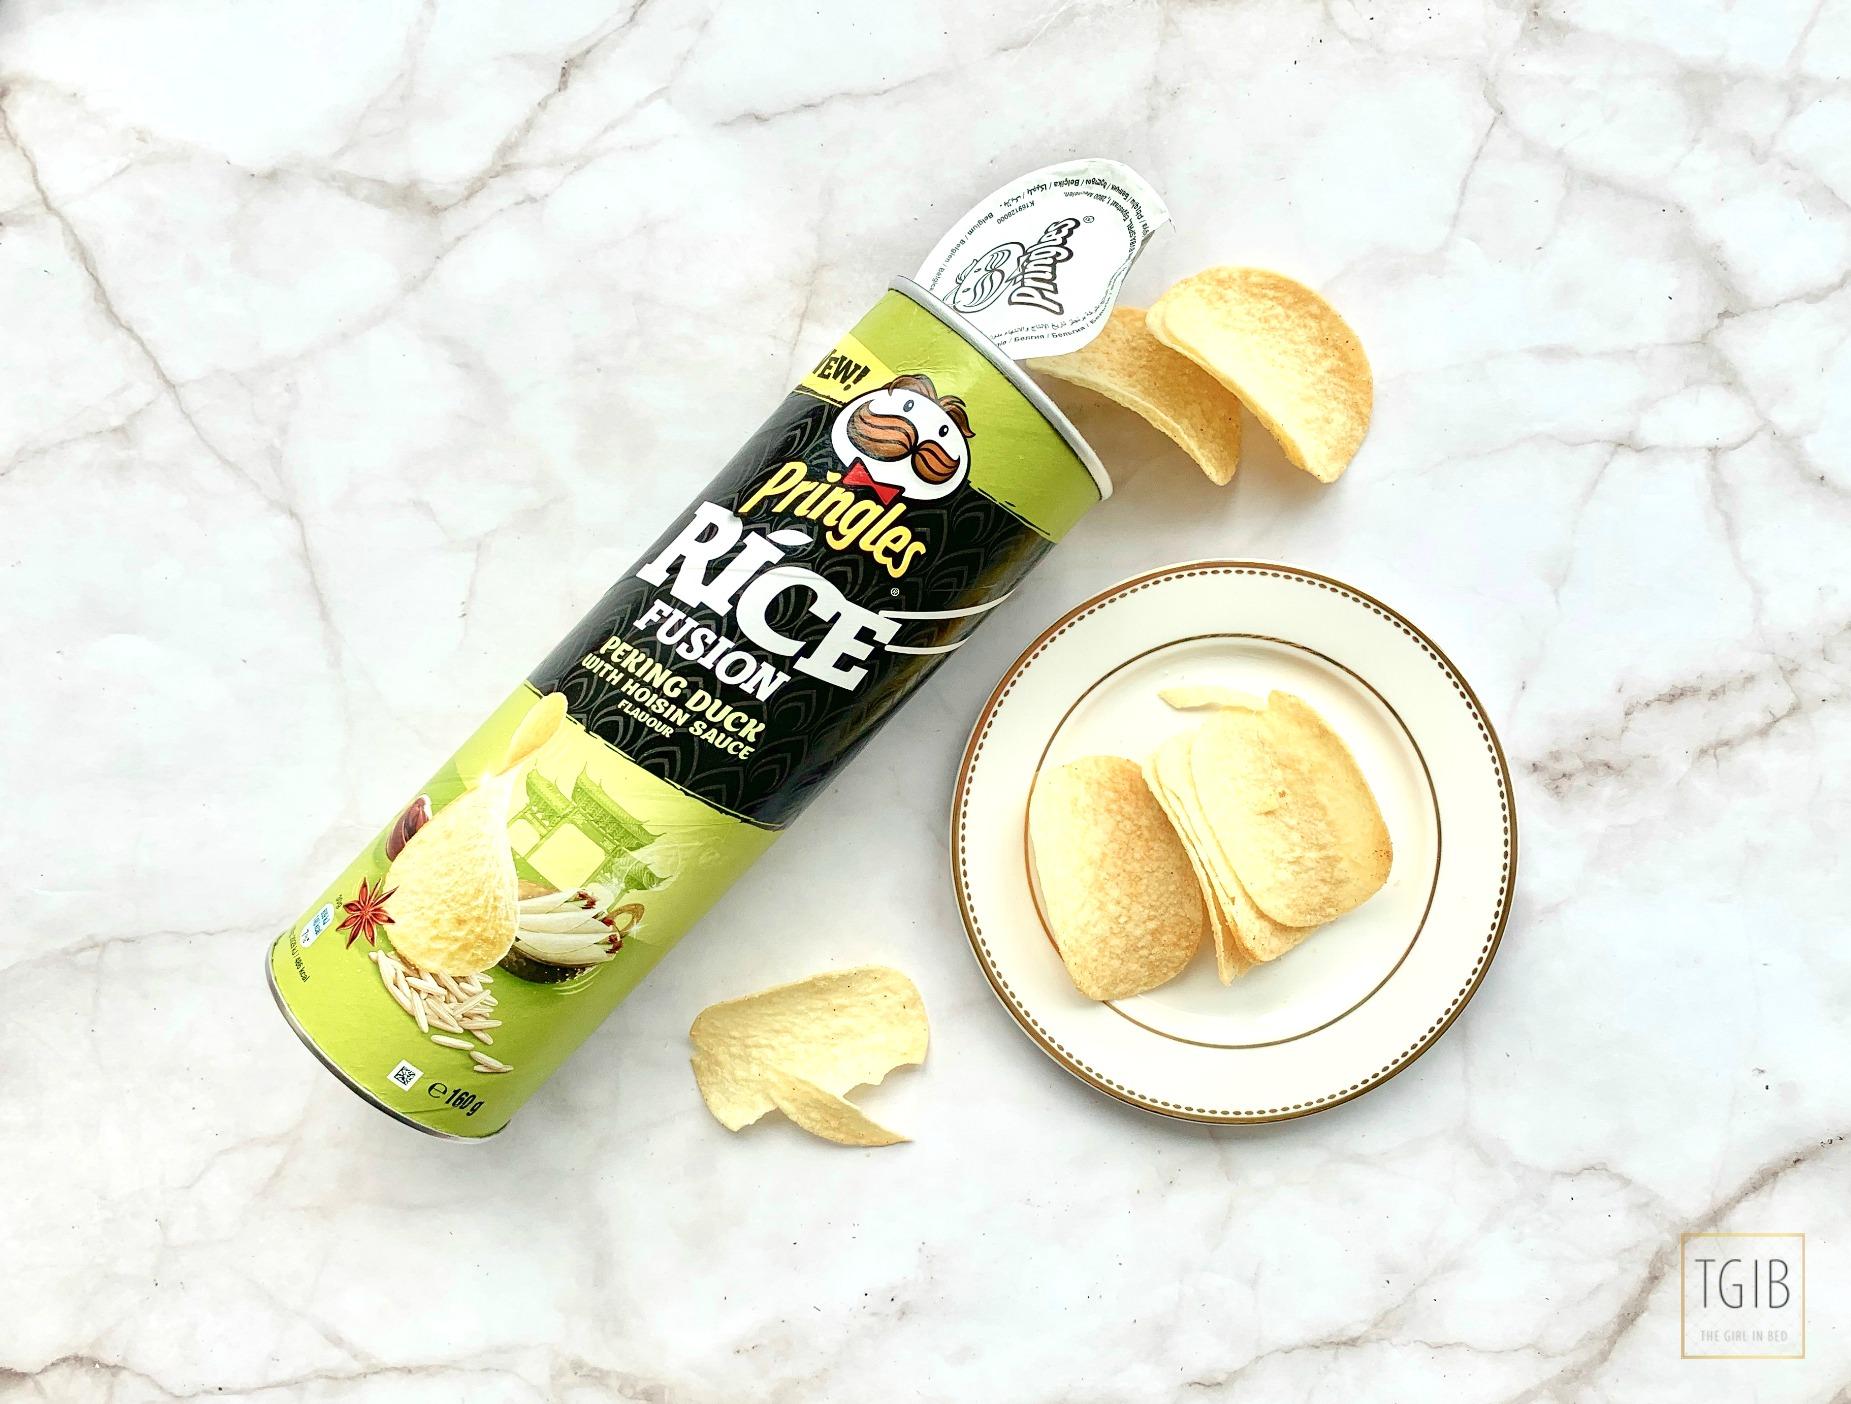 Pringles rice fusion Peking duck hoisin sauce